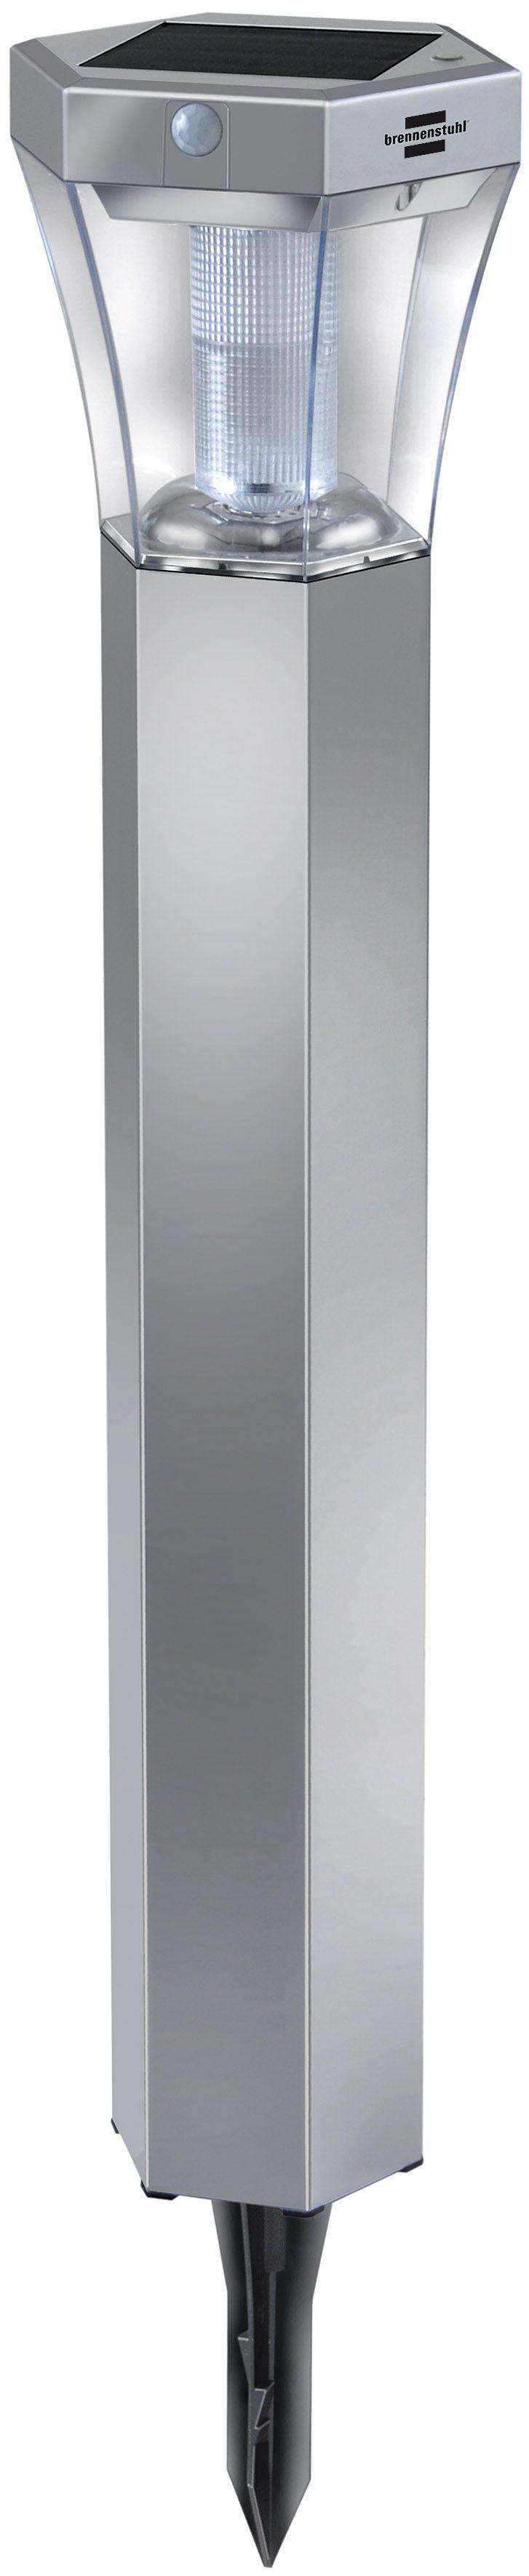 1170790 Wunderbar Brennenstuhl solar Led Strahler Dekorationen